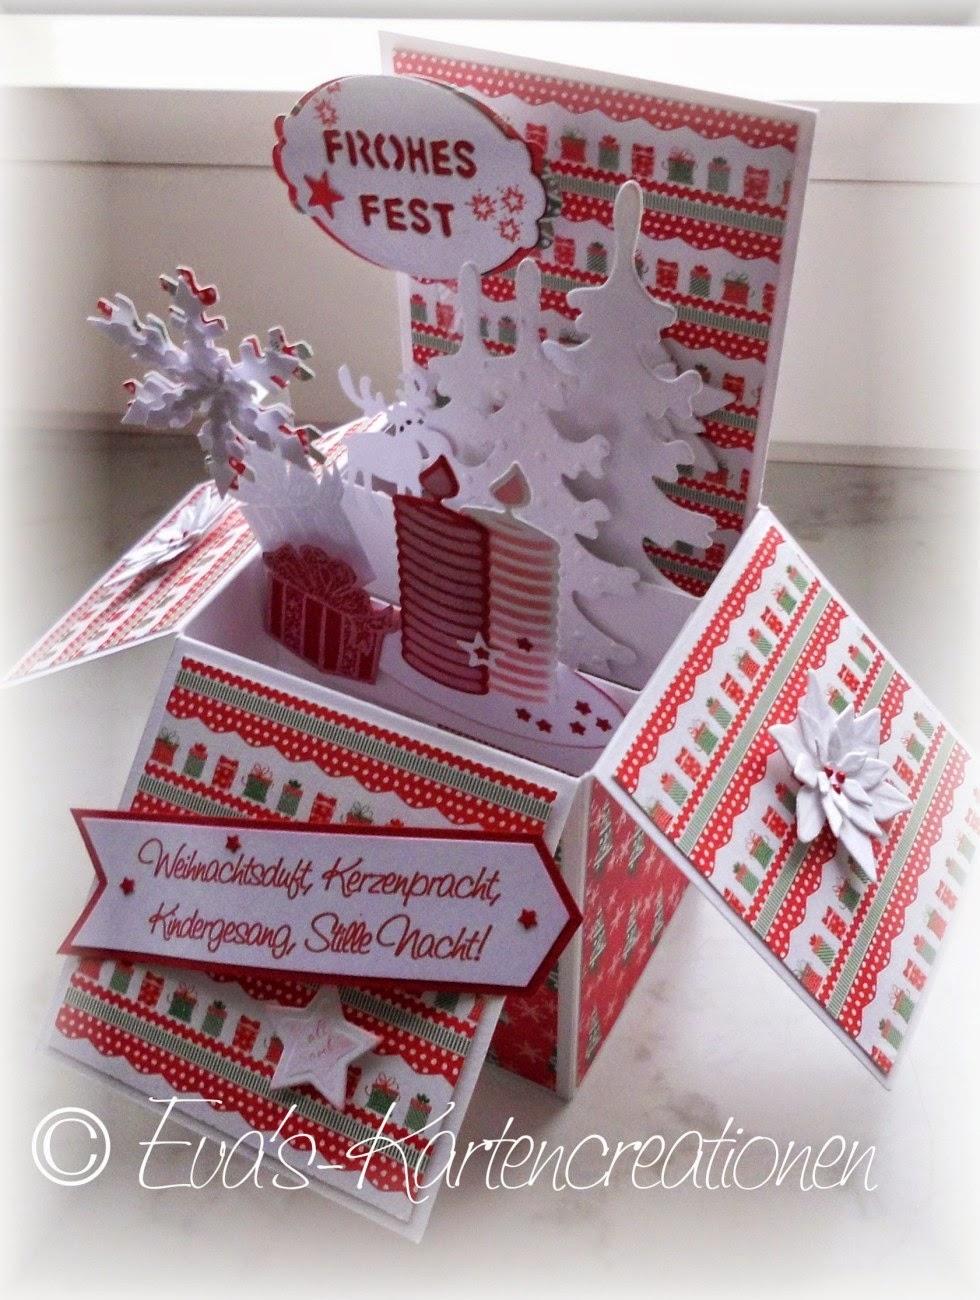 eva 39 s kartencreationen noch 39 ne pop up box karte und liebe post. Black Bedroom Furniture Sets. Home Design Ideas